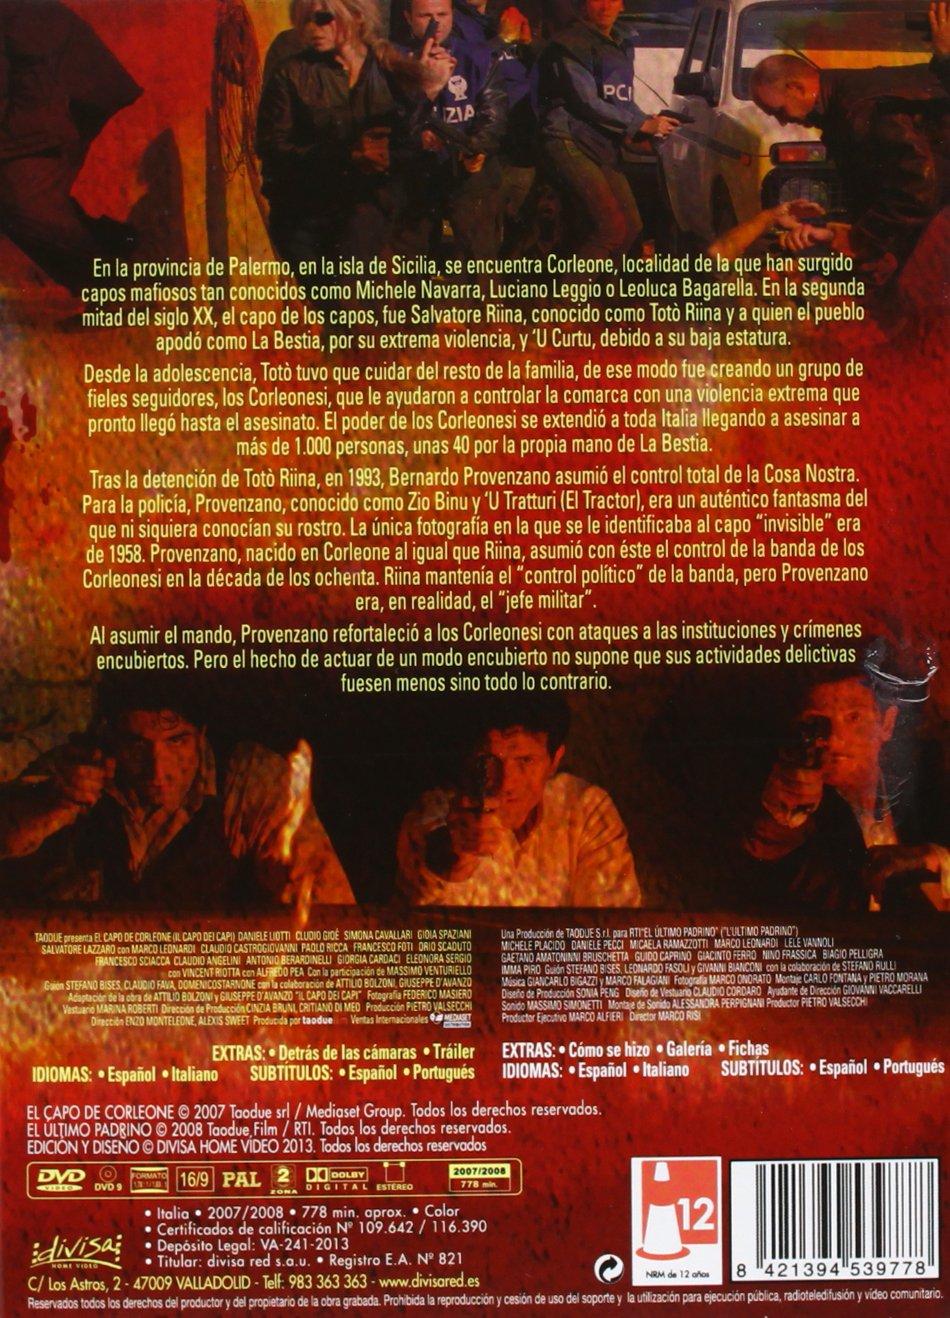 Los Padrinos De La Cosa Nostra [DVD]: Amazon.es: Simona Cavallari, Gioia Spaziani, Luca Angeletti, Claudio Angelini, Michele Placido, Daniele Pecci, ...